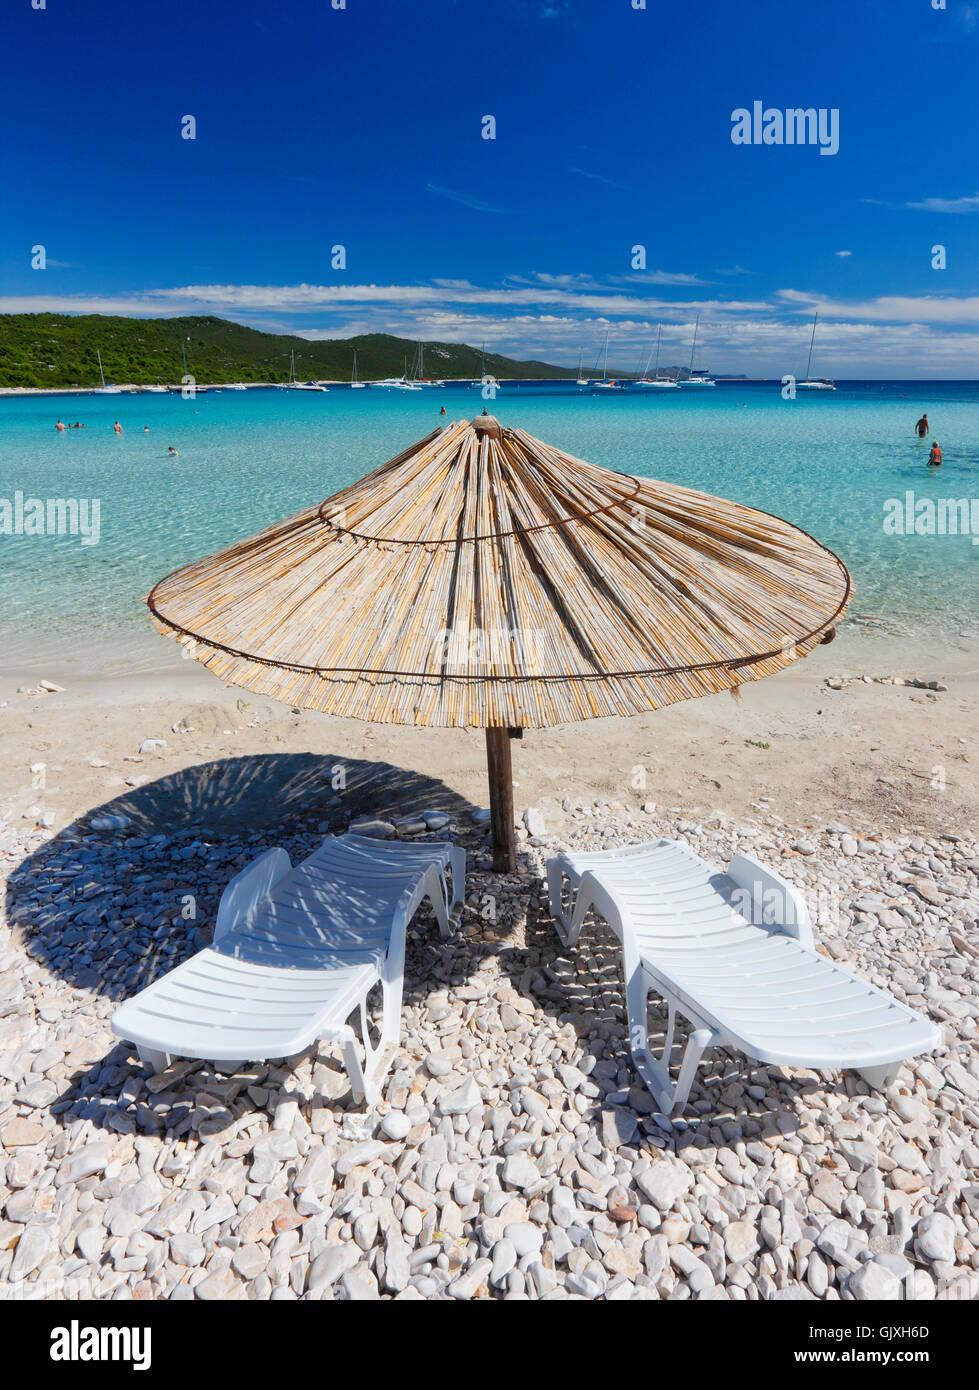 Straw umbrella on Sakarun beach, Dugi otok - Stock Image